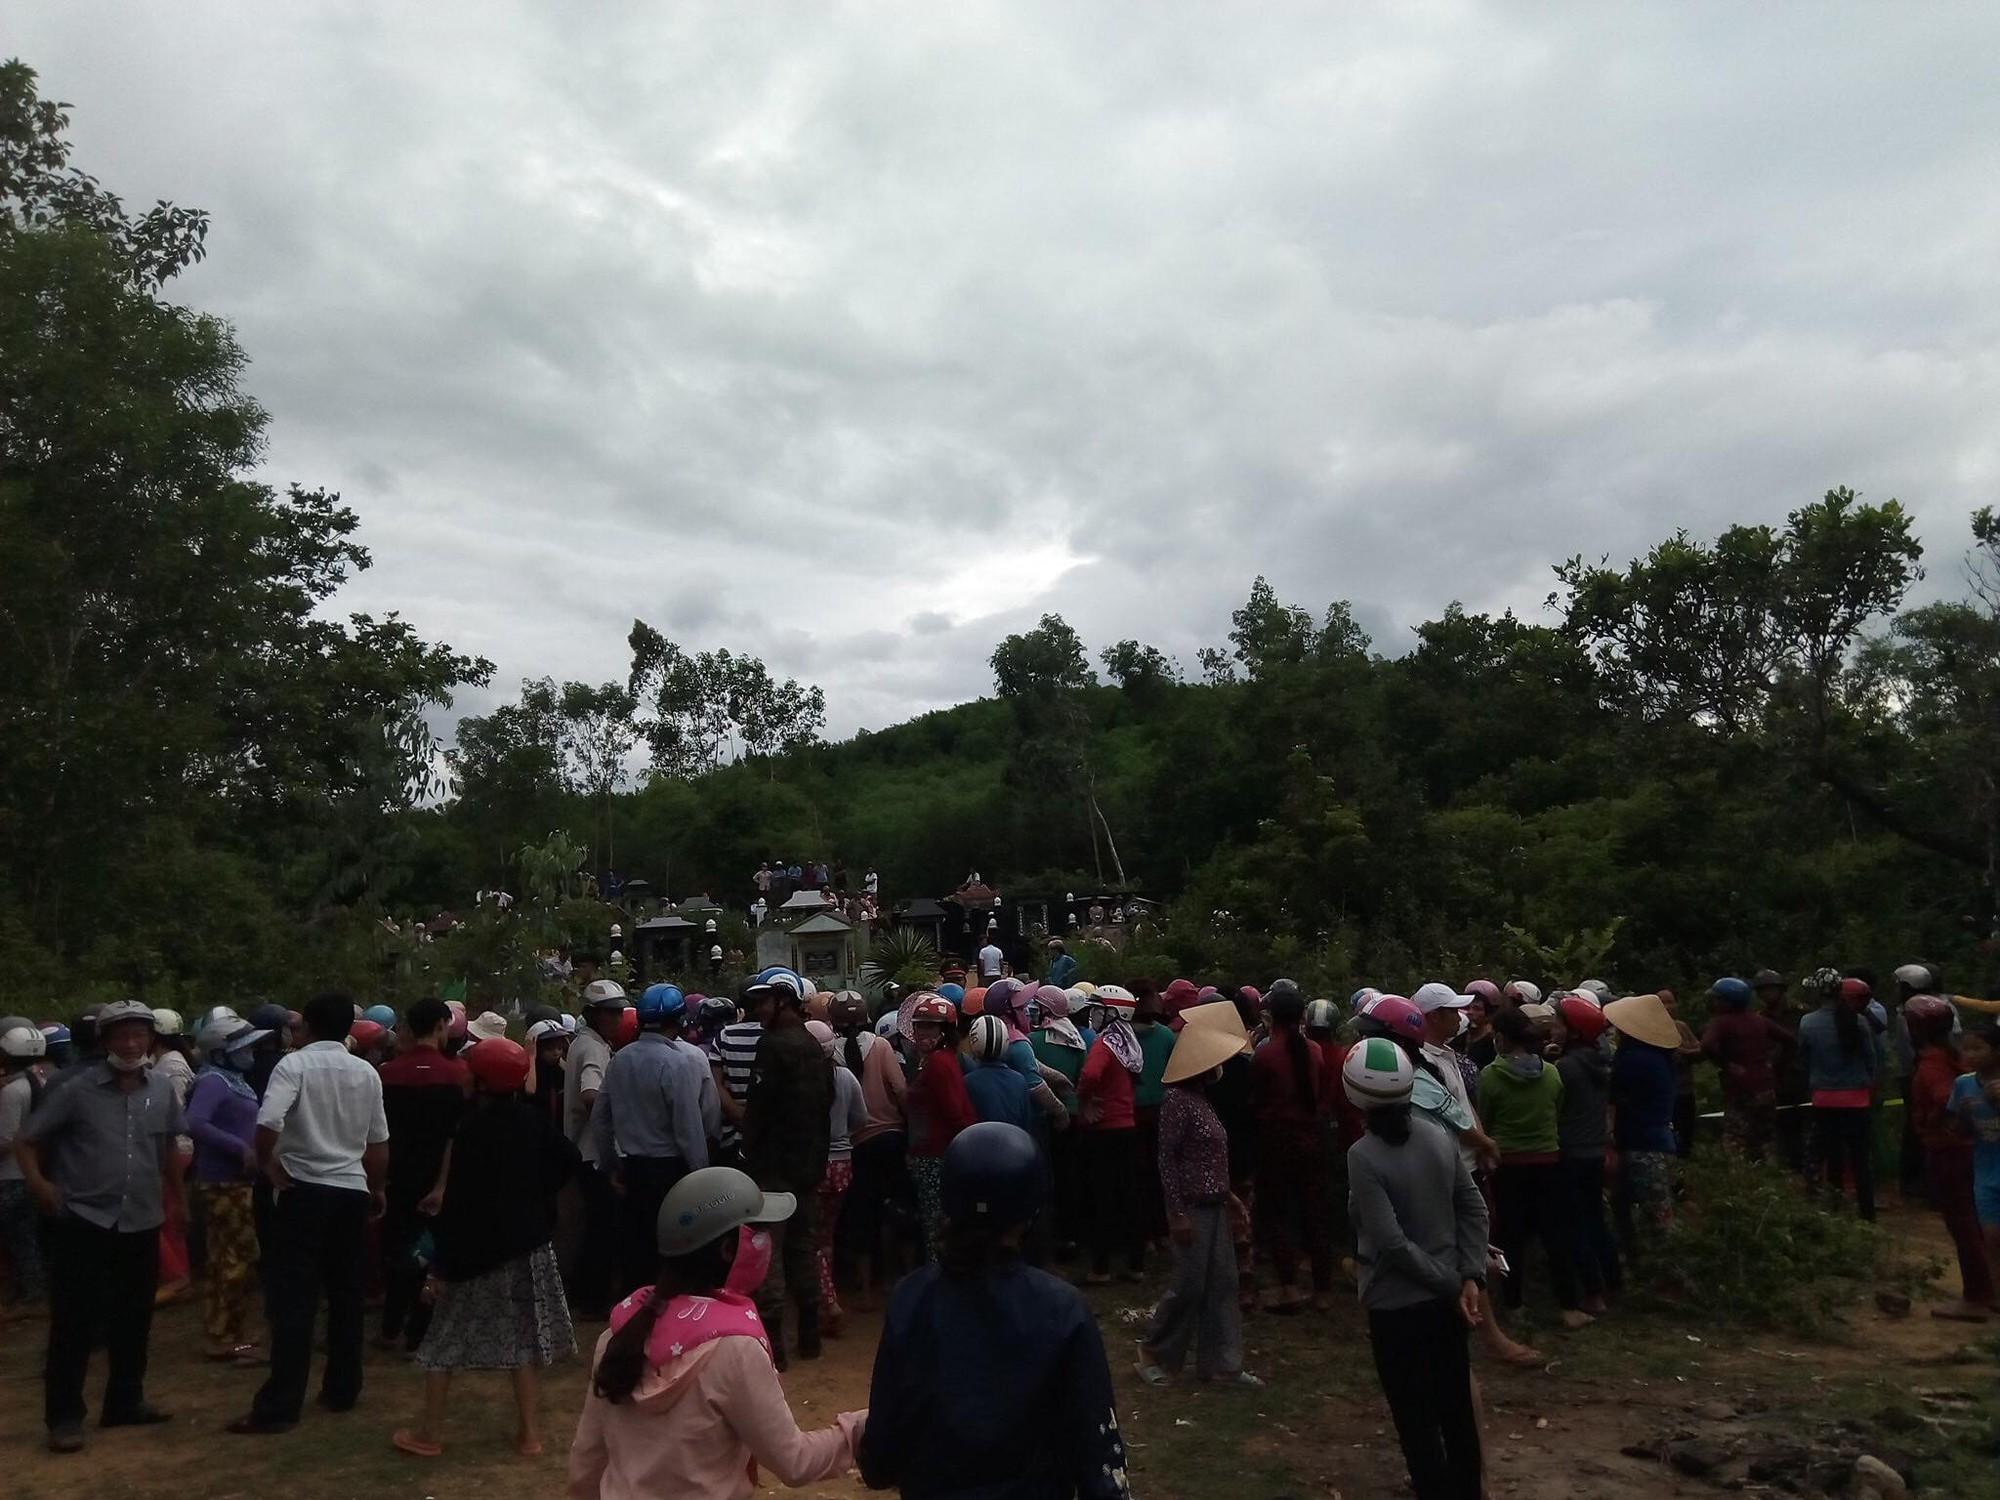 Hiện trường thảm án kinh hoàng 3 người tử vong nghi bị sát hại trong nghĩa địa ở Bình Định - Ảnh 3.